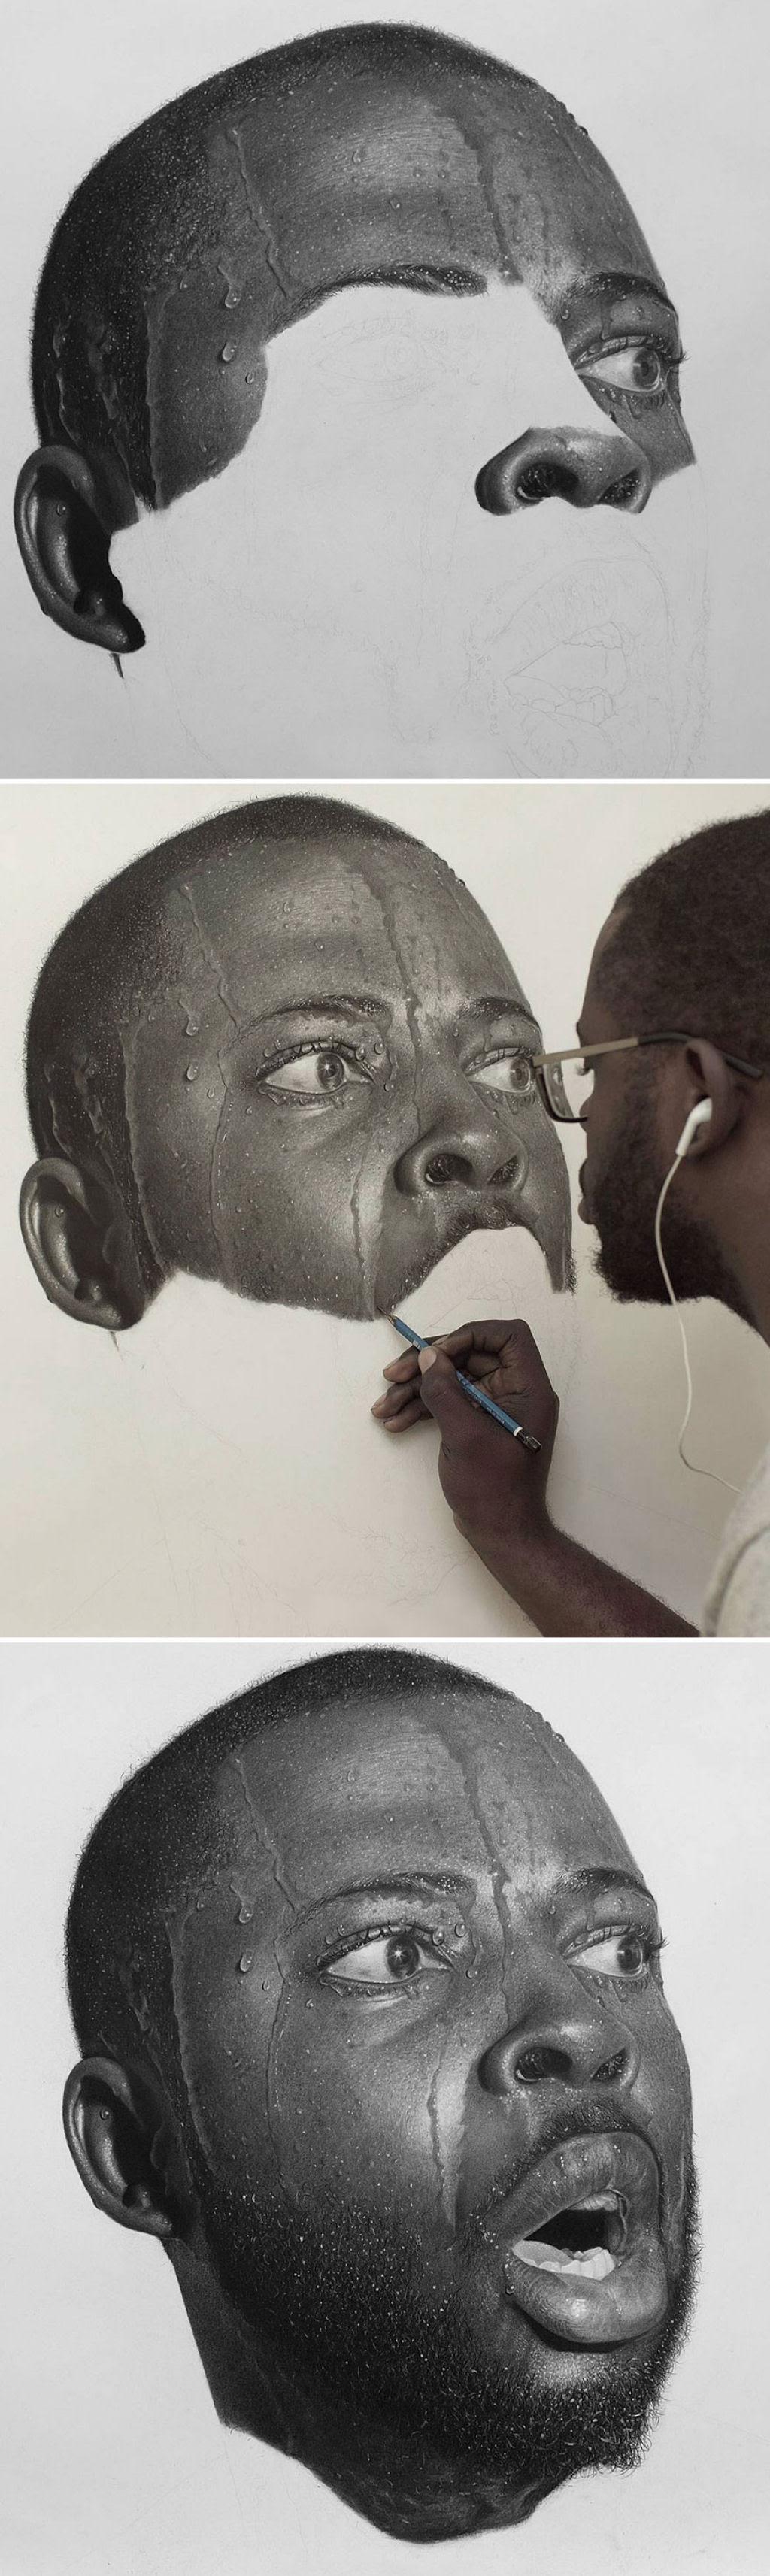 Retratos hiperrealistas de grande porte renderizados com grafite e carvão 06